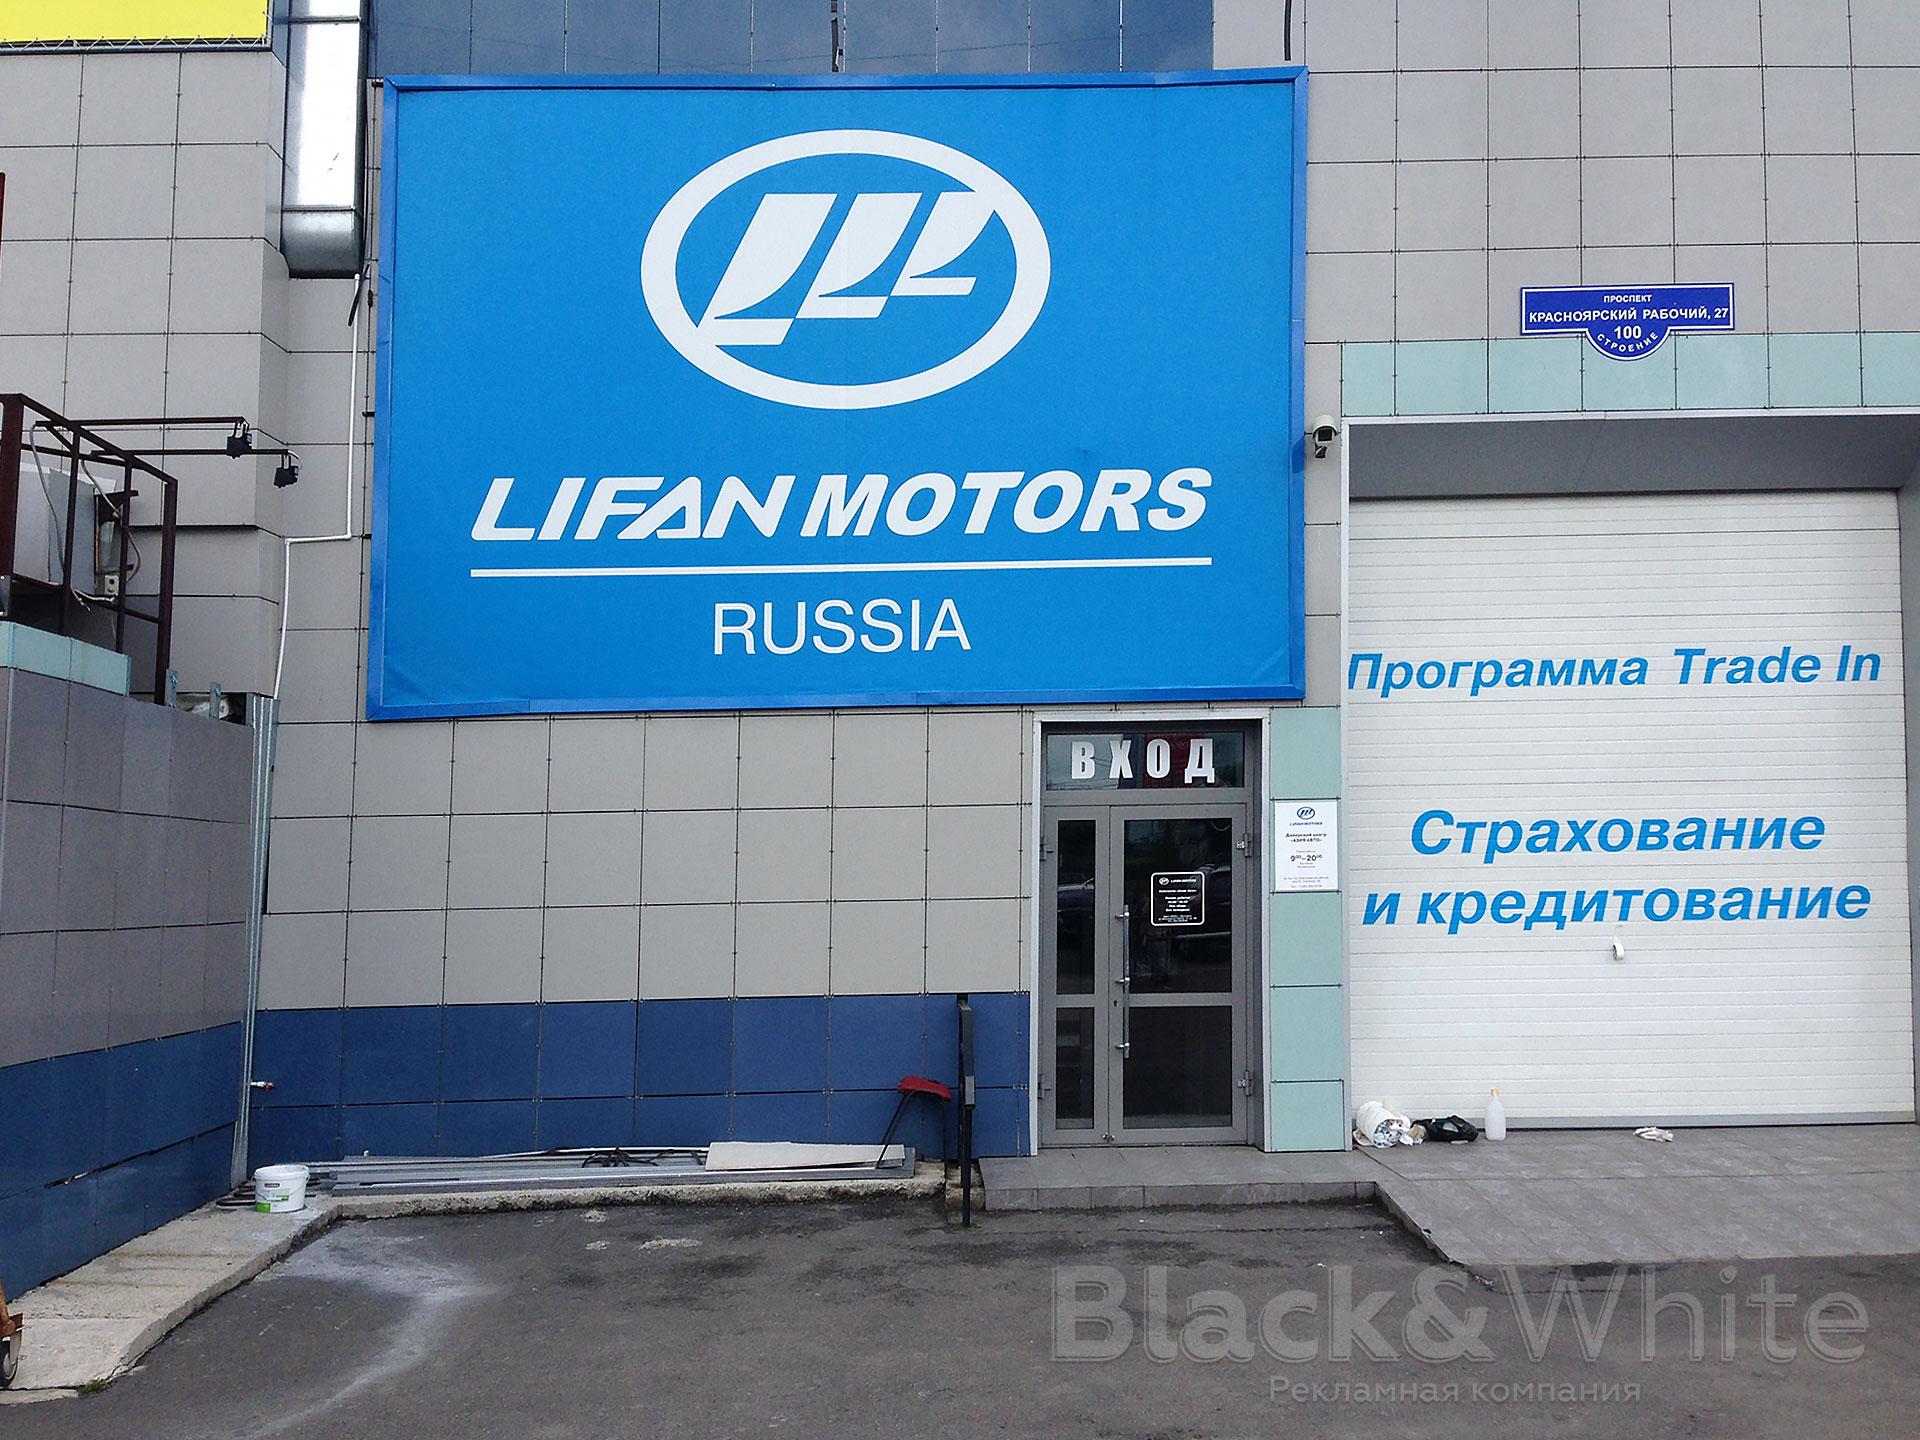 Печать-на-баннере-в-Красноярске-Black&White.jpg